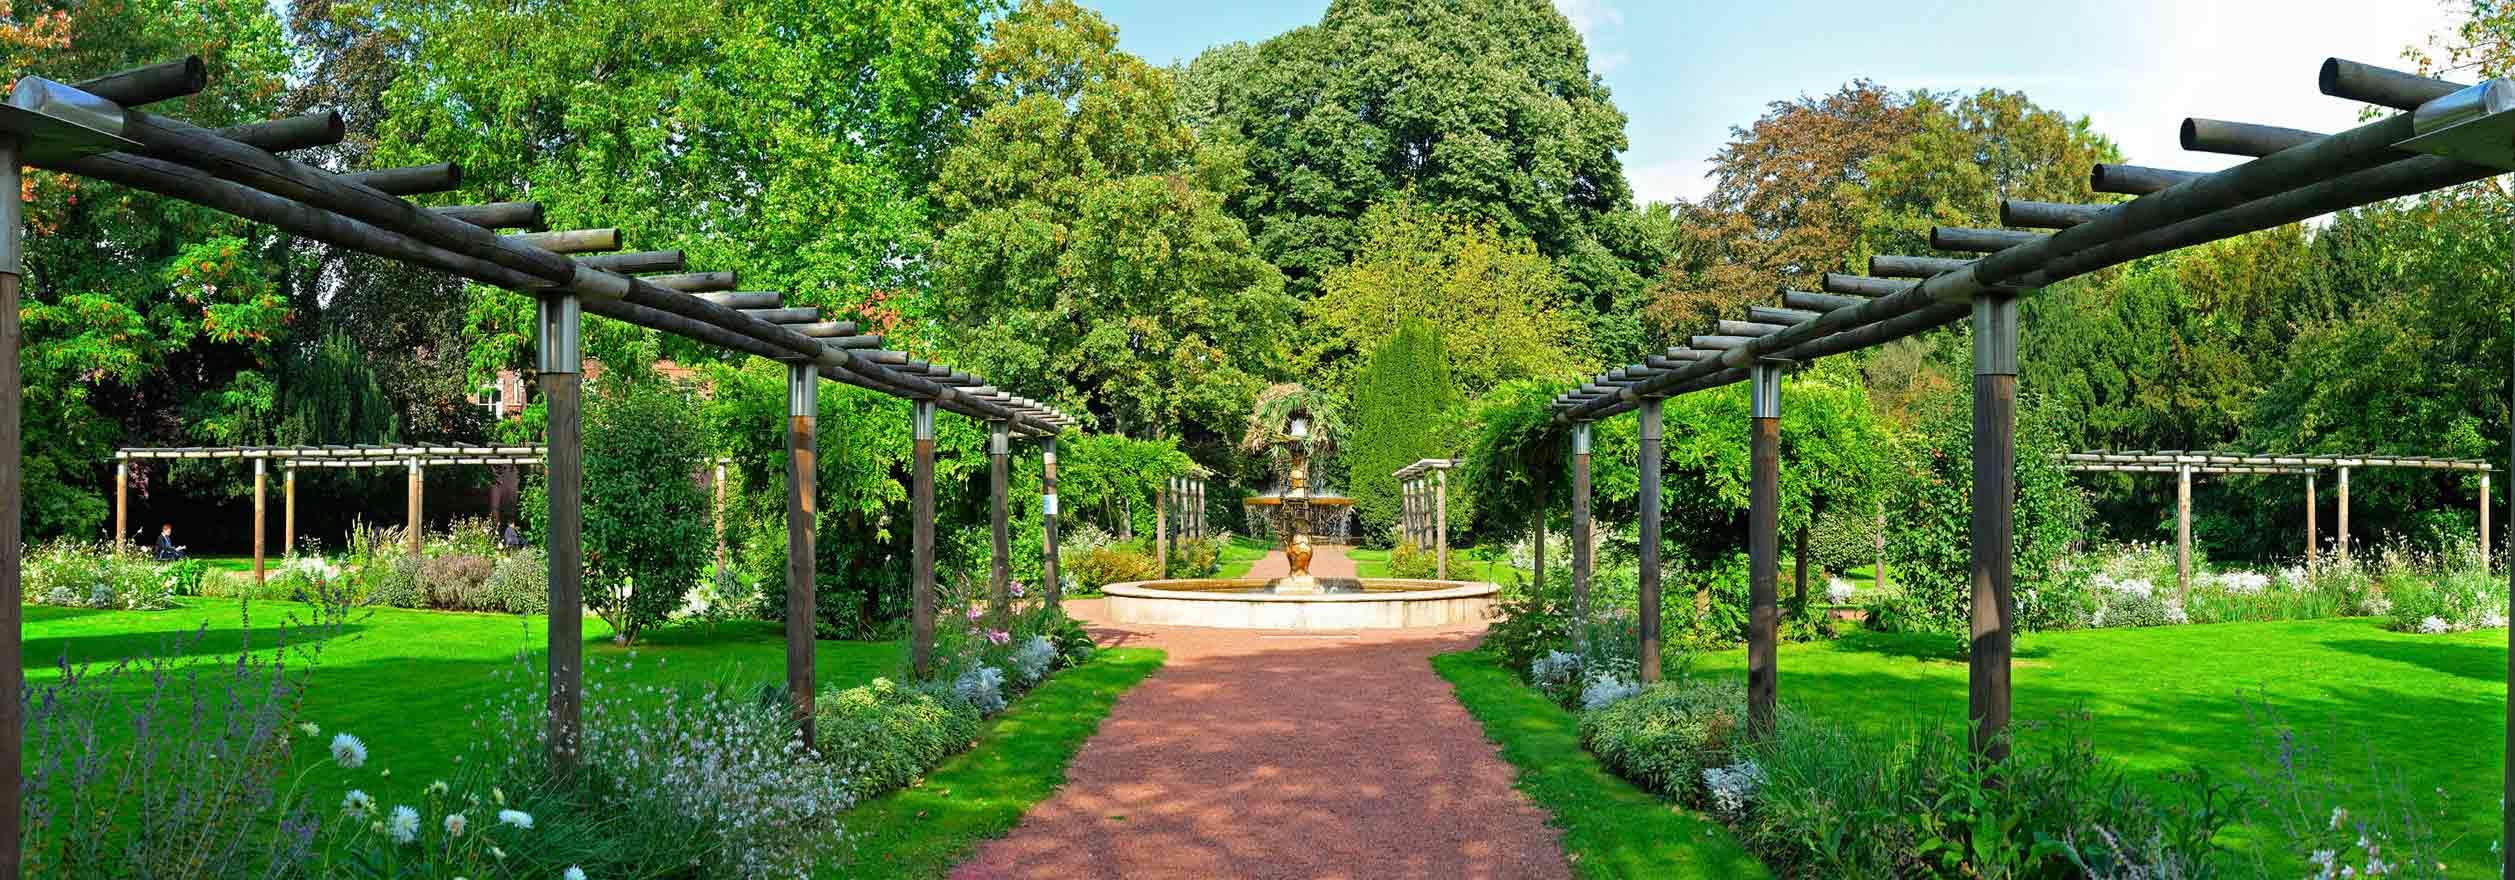 Jardin botanique parcs et jardins nature mes loisirs for Le jardin botanique camping